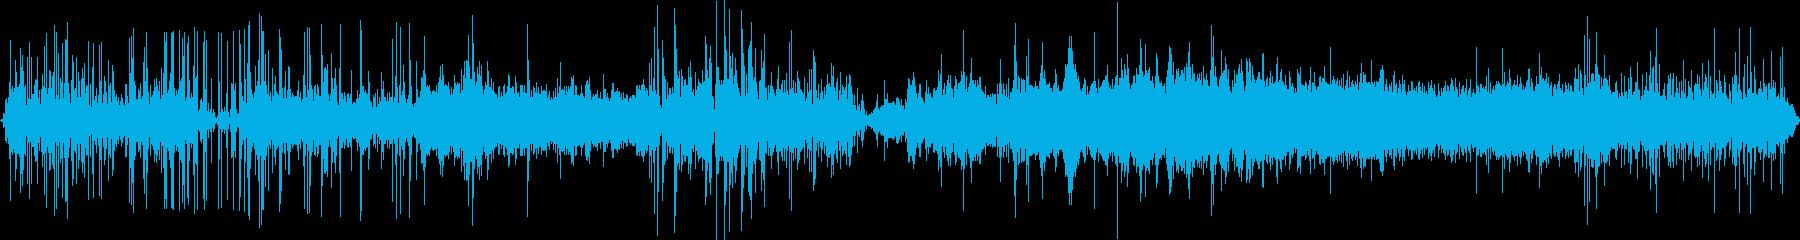 コポコポコポといった水中で聴こえる音の再生済みの波形